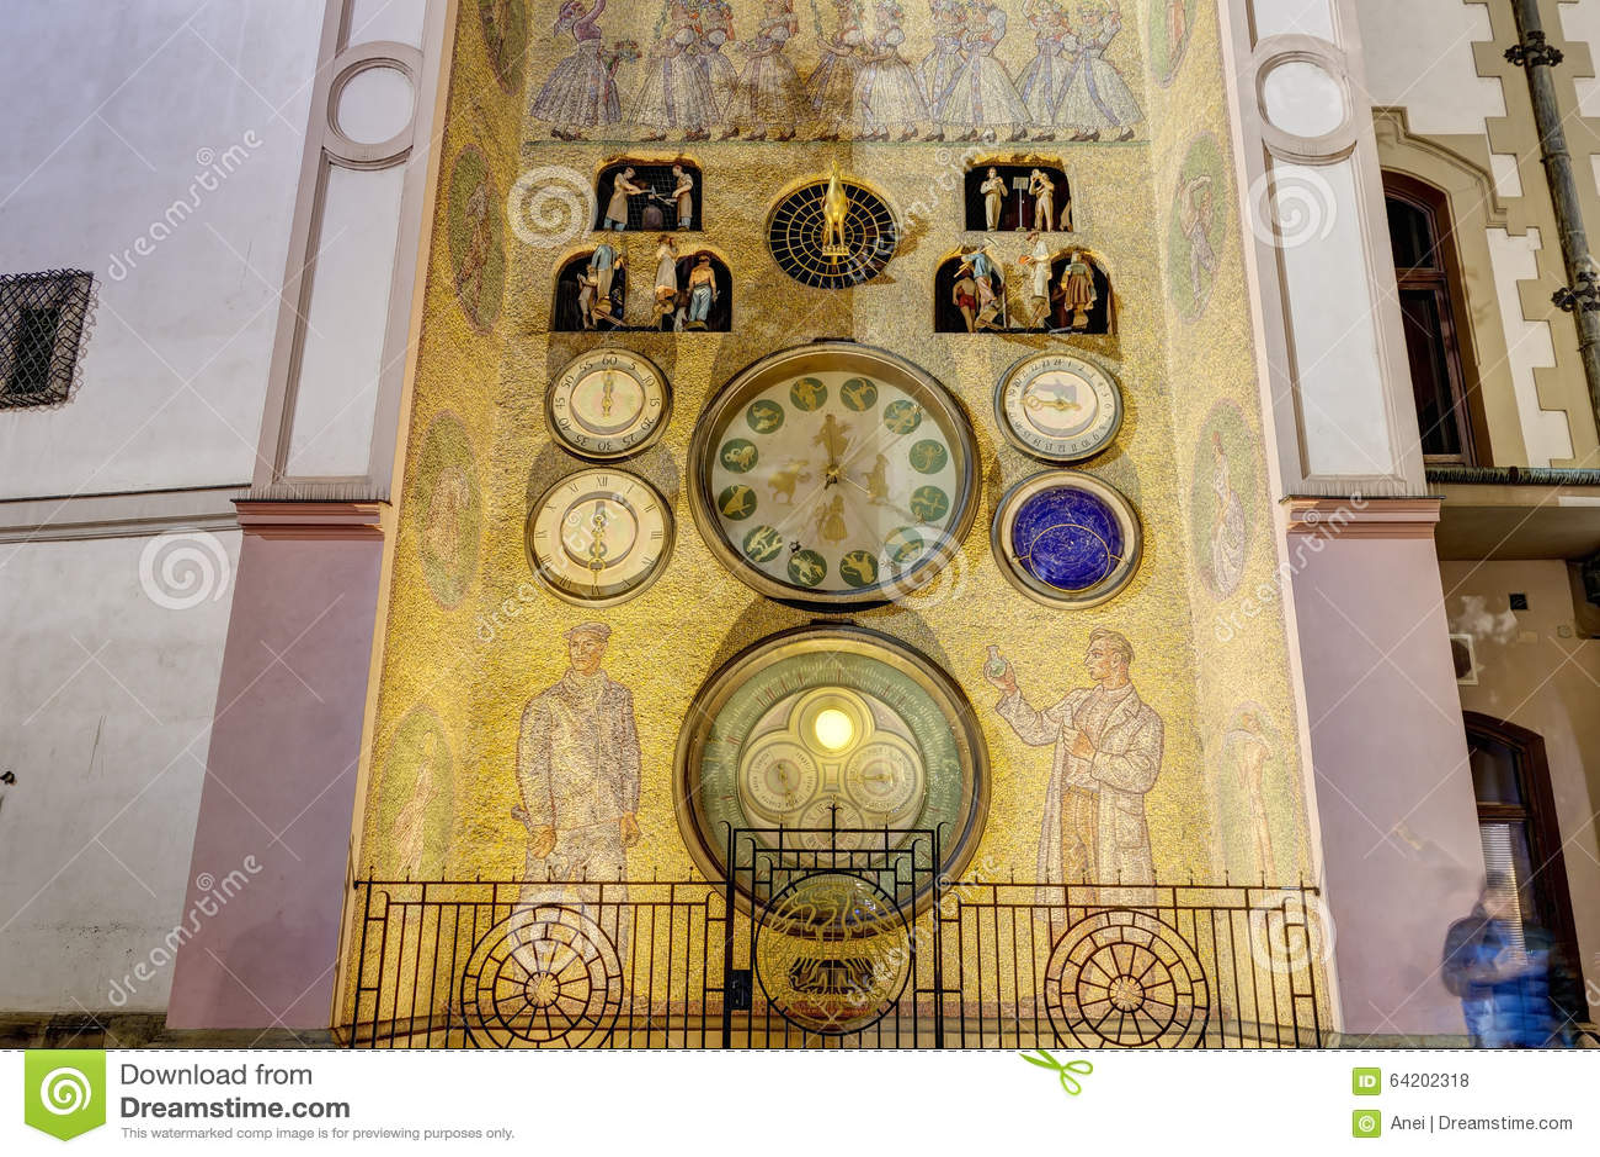 Foto del reloj astronómico de Olomouc, República Checa de HDR